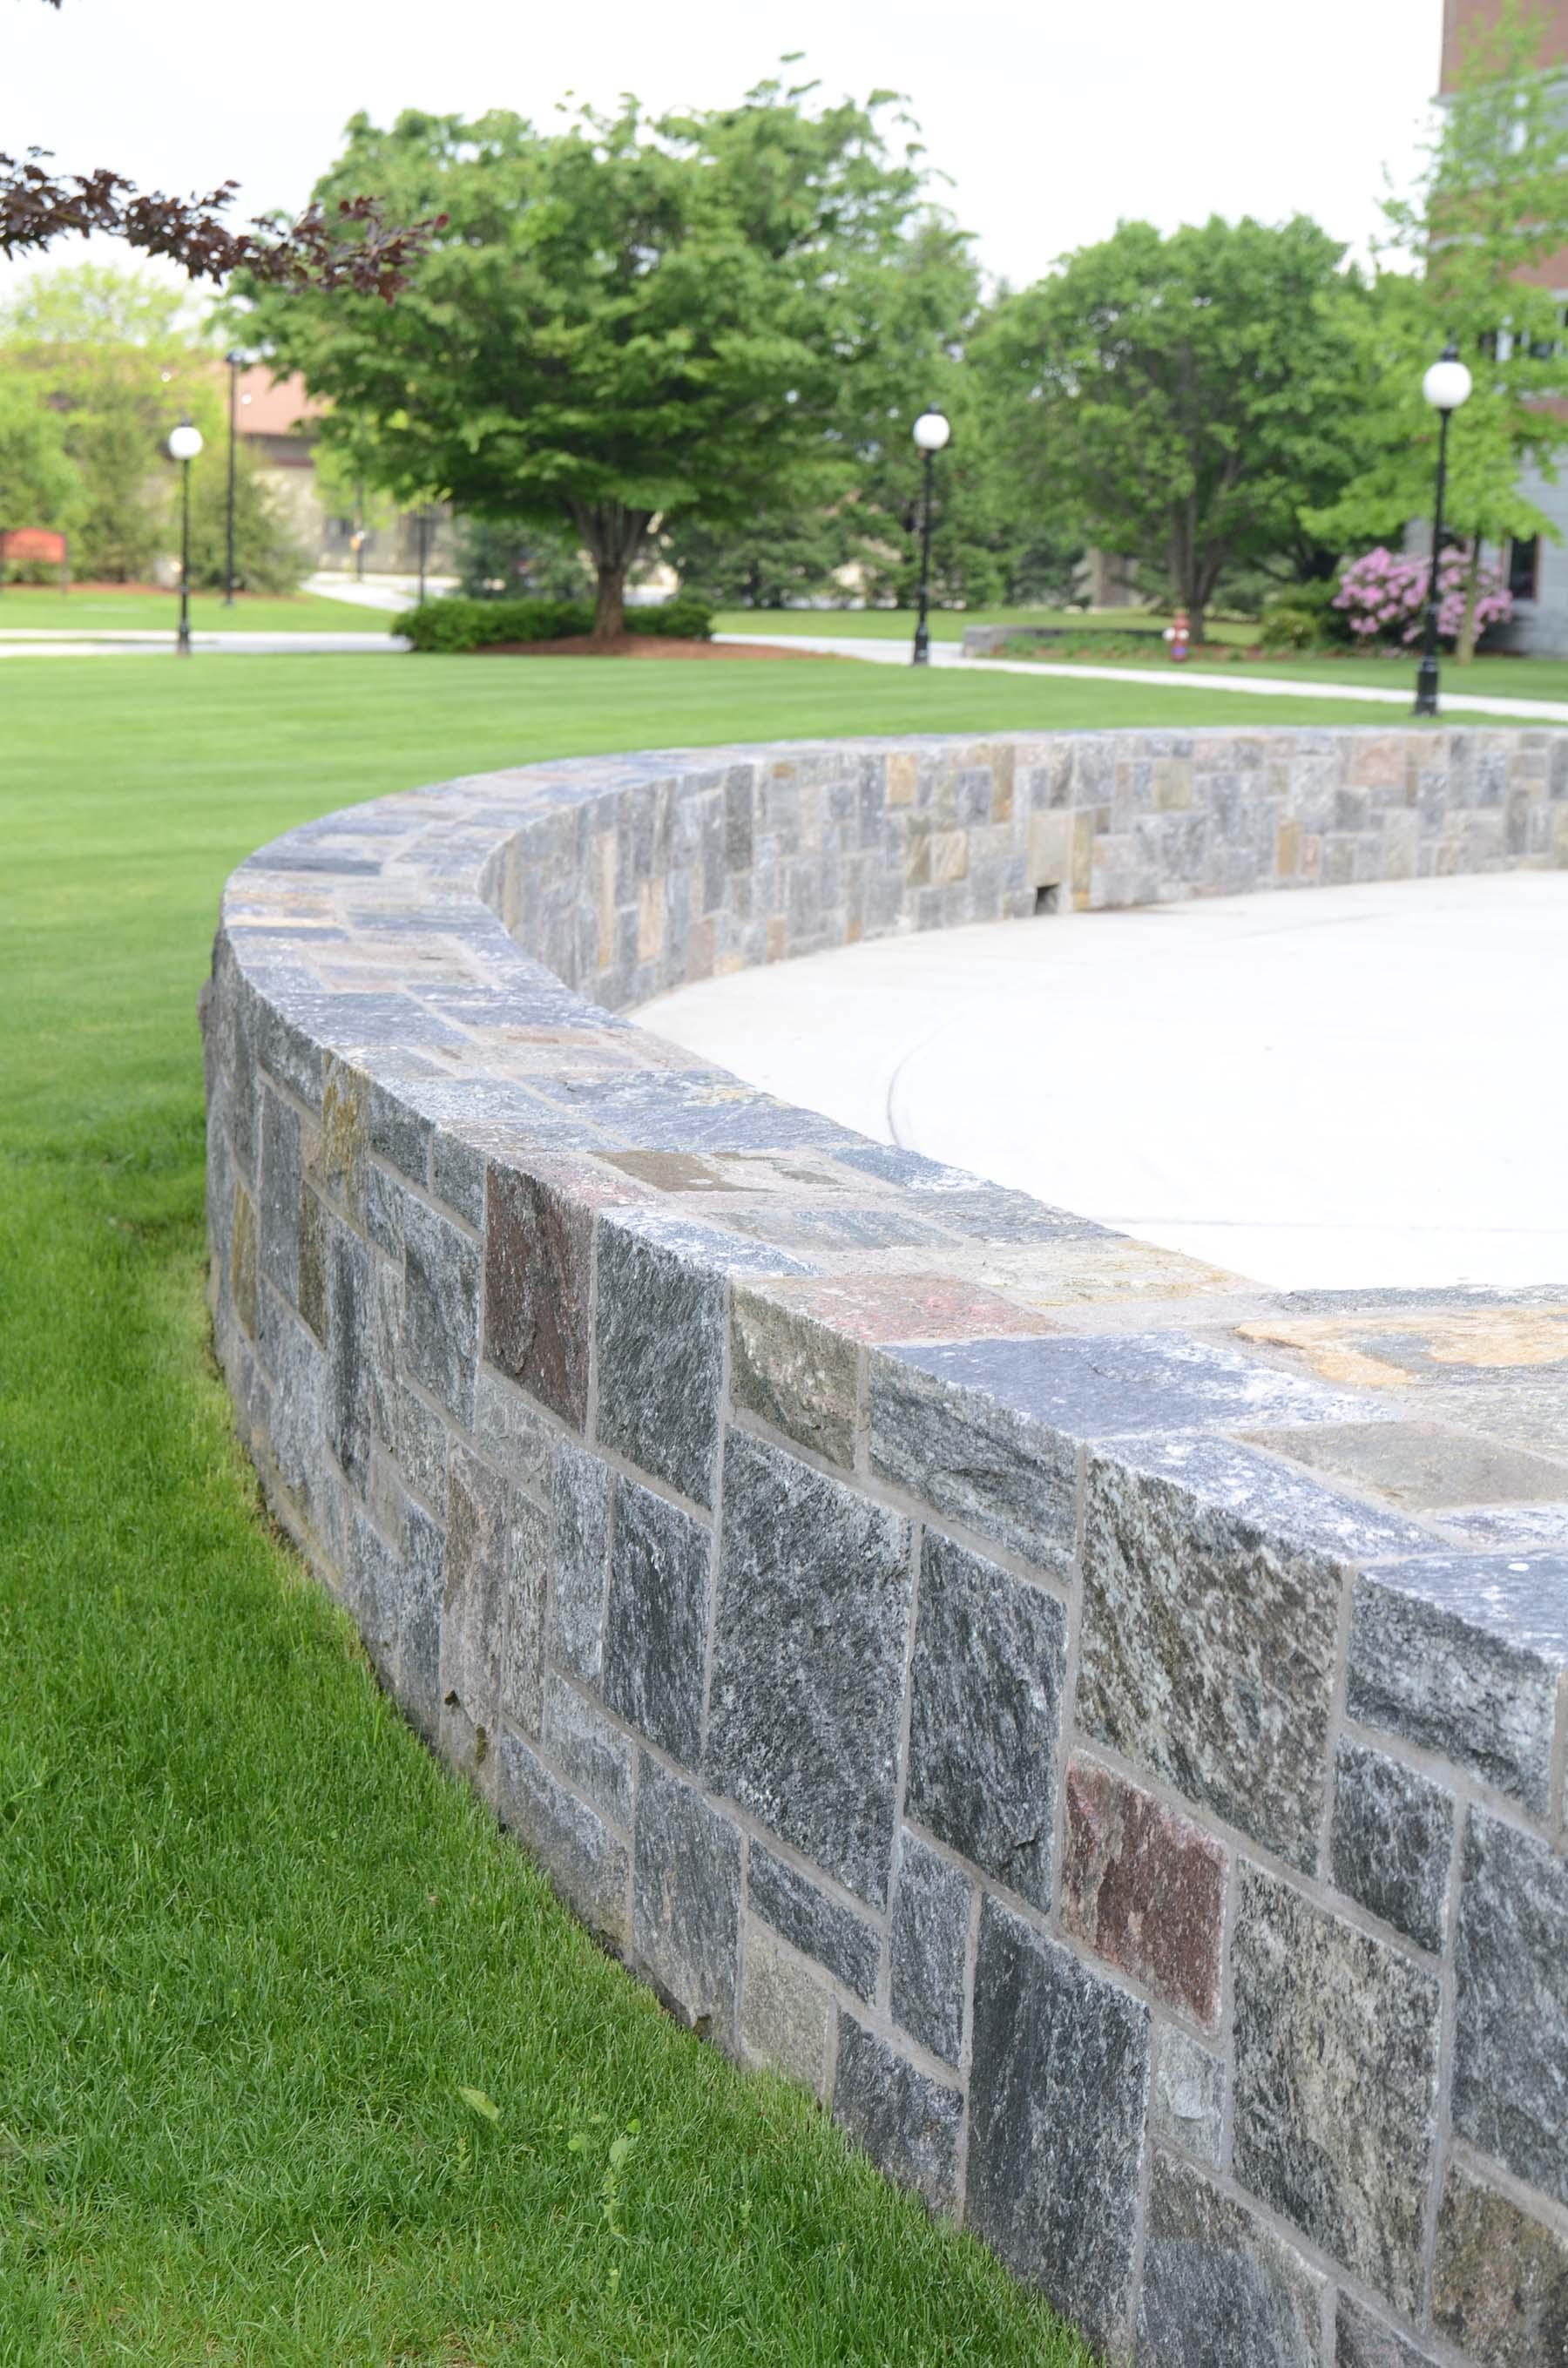 Ticonderoga granite natural stone wall in park